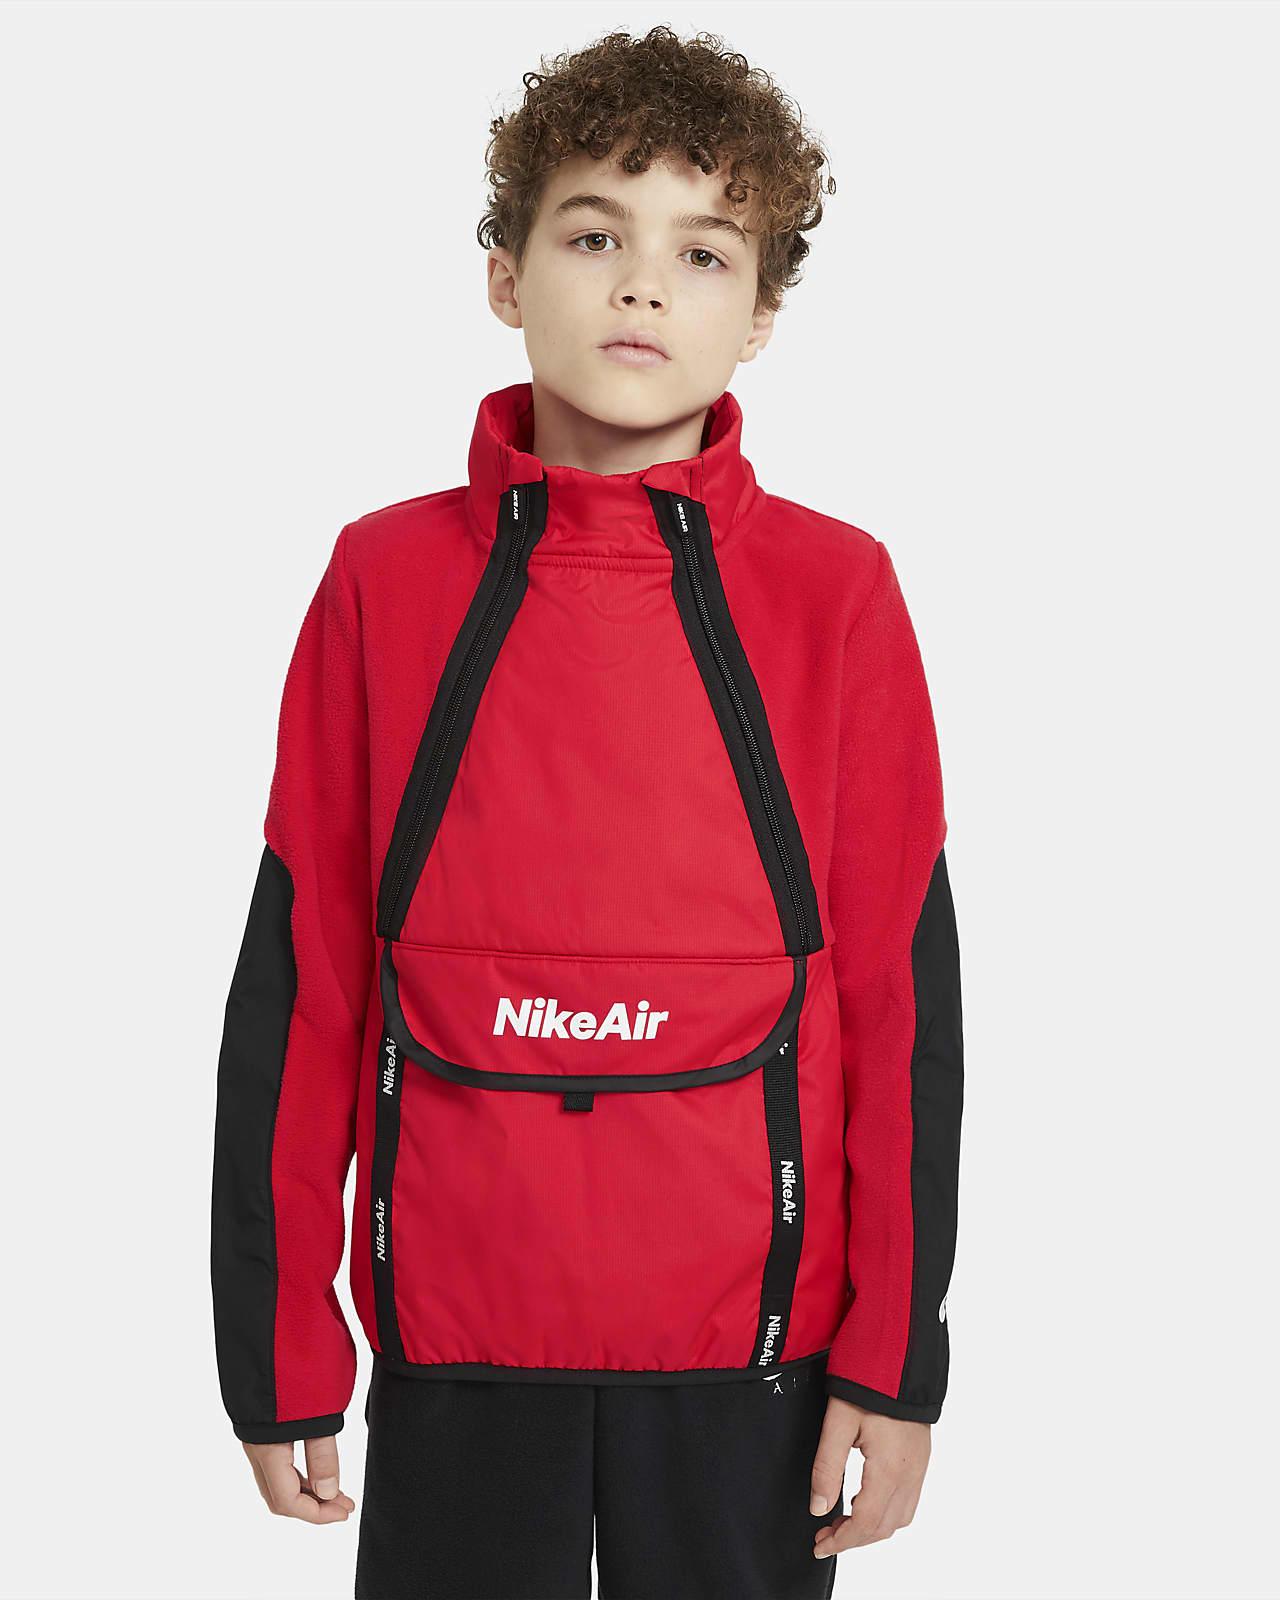 Zimní tričko Nike Air pro větší děti (chlapce)